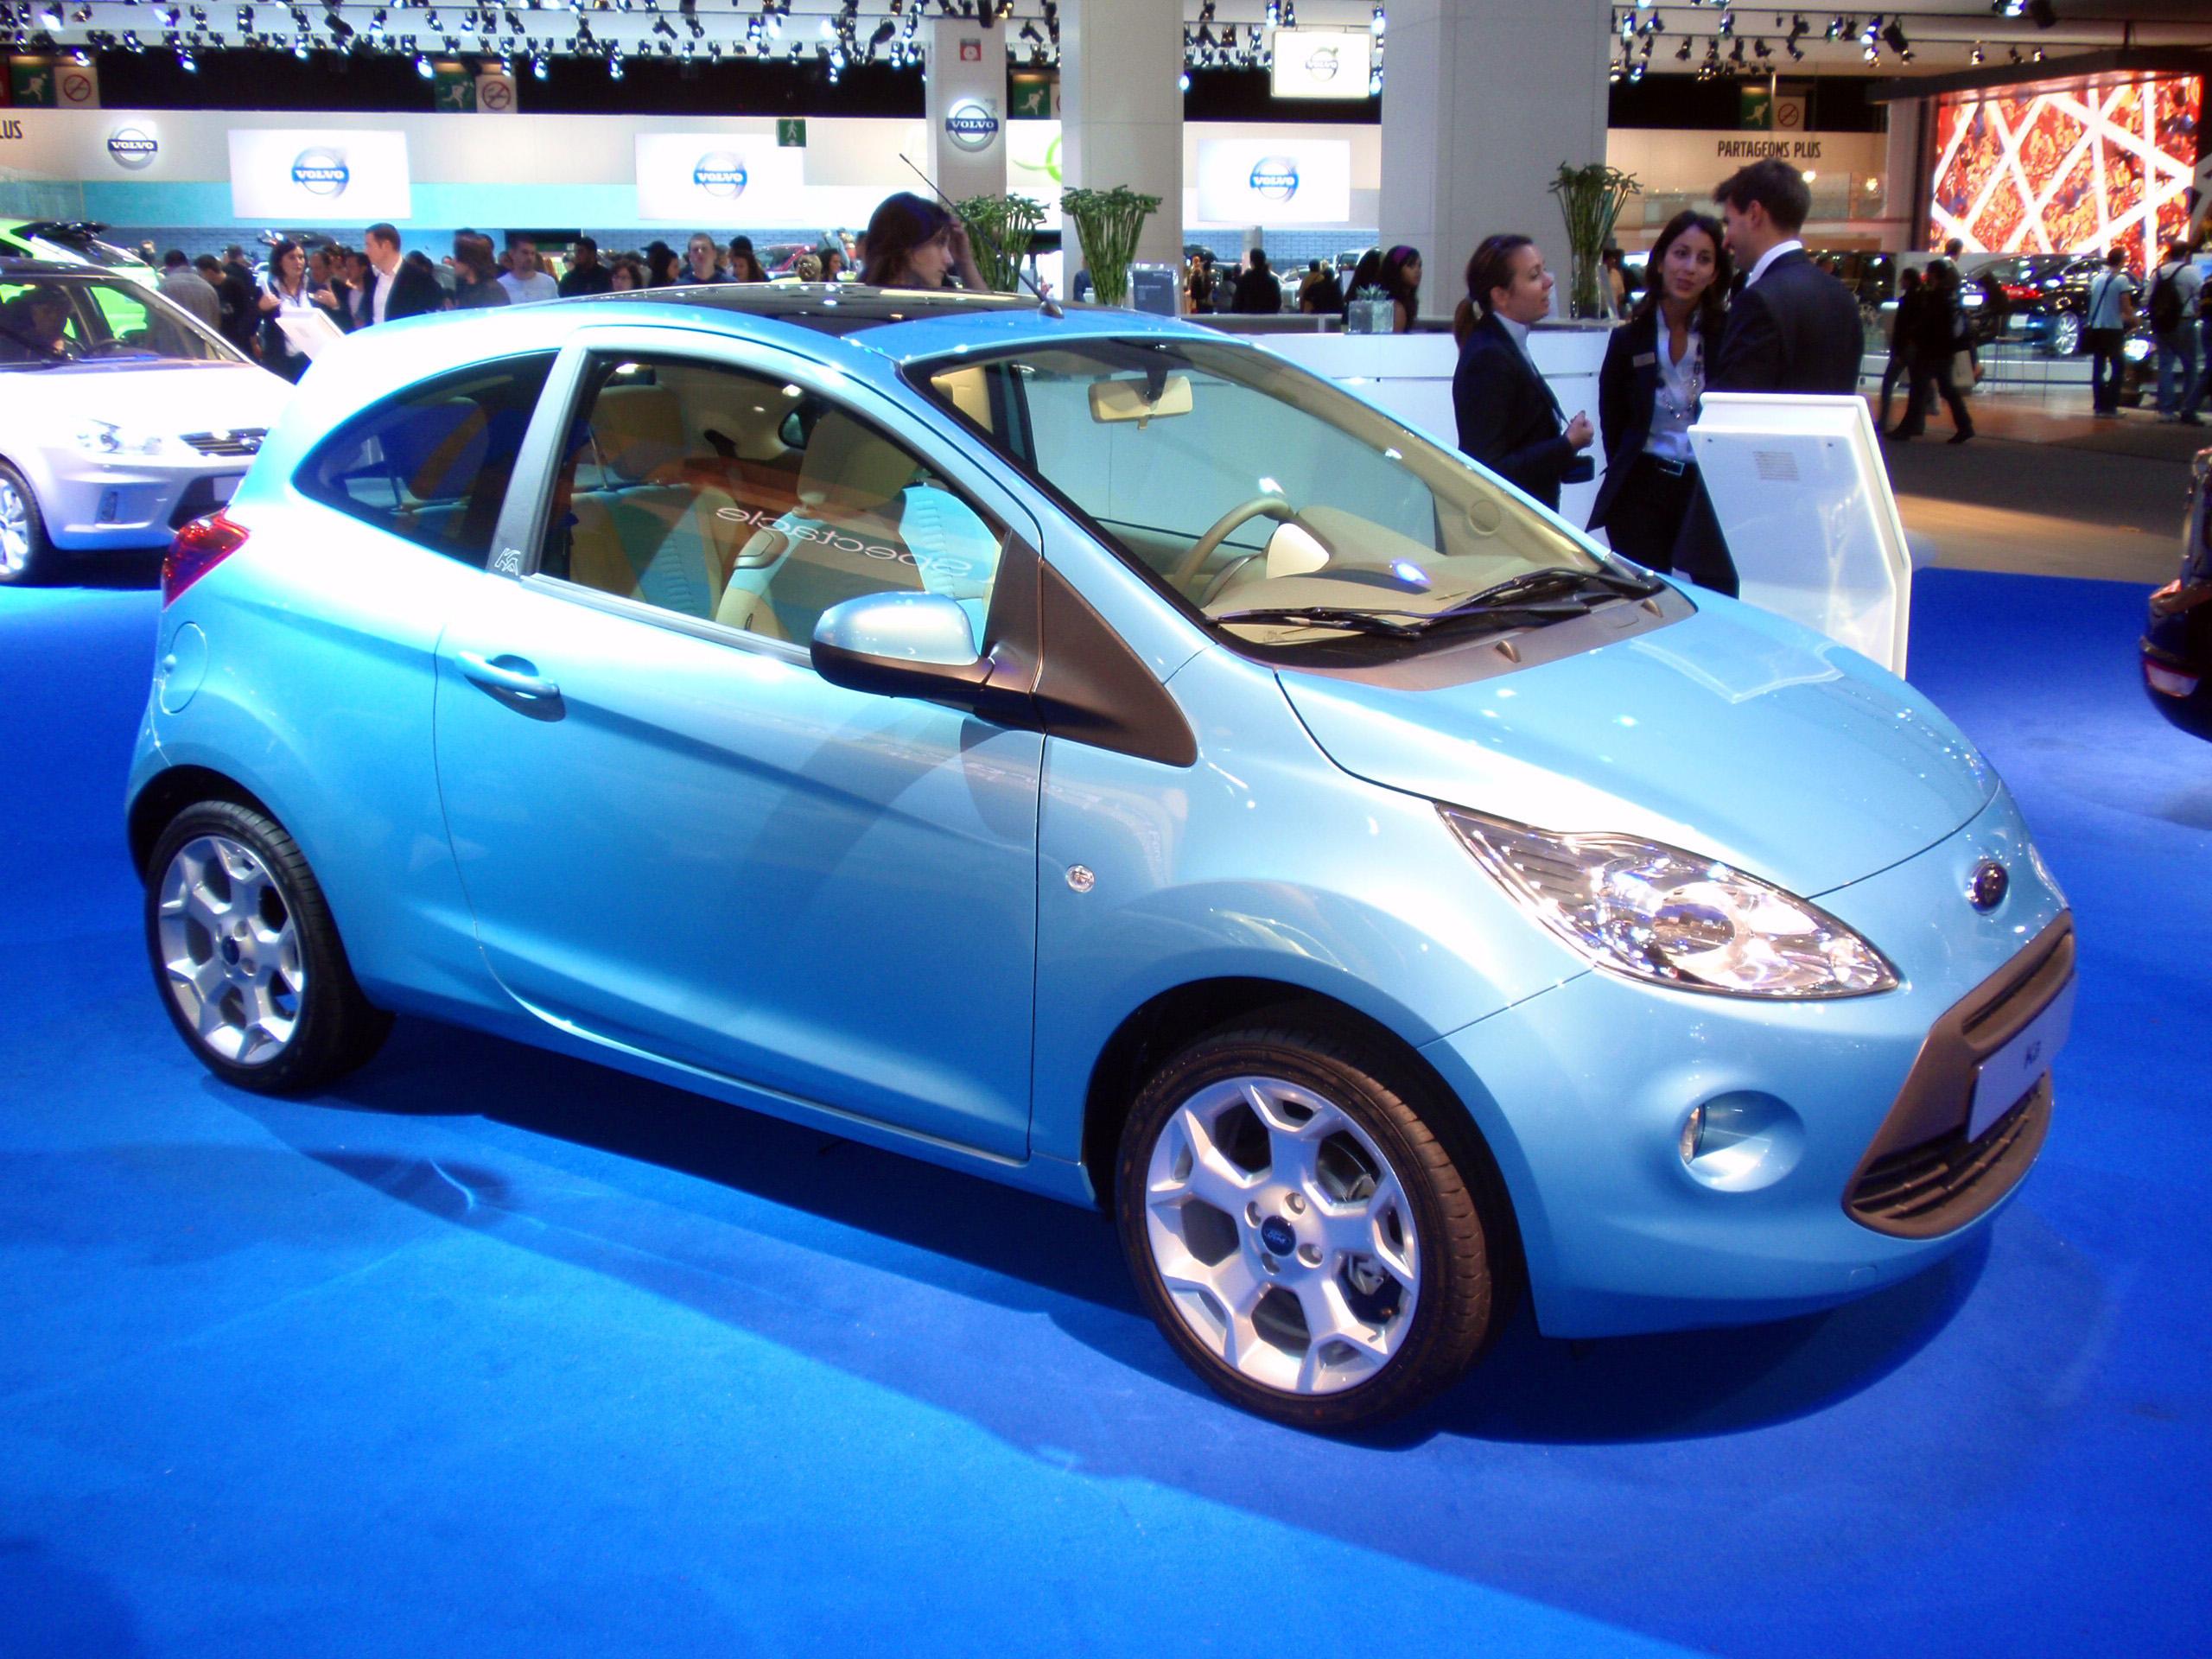 File:Ford Ka 2008 003.JPG - Wikimedia Commons